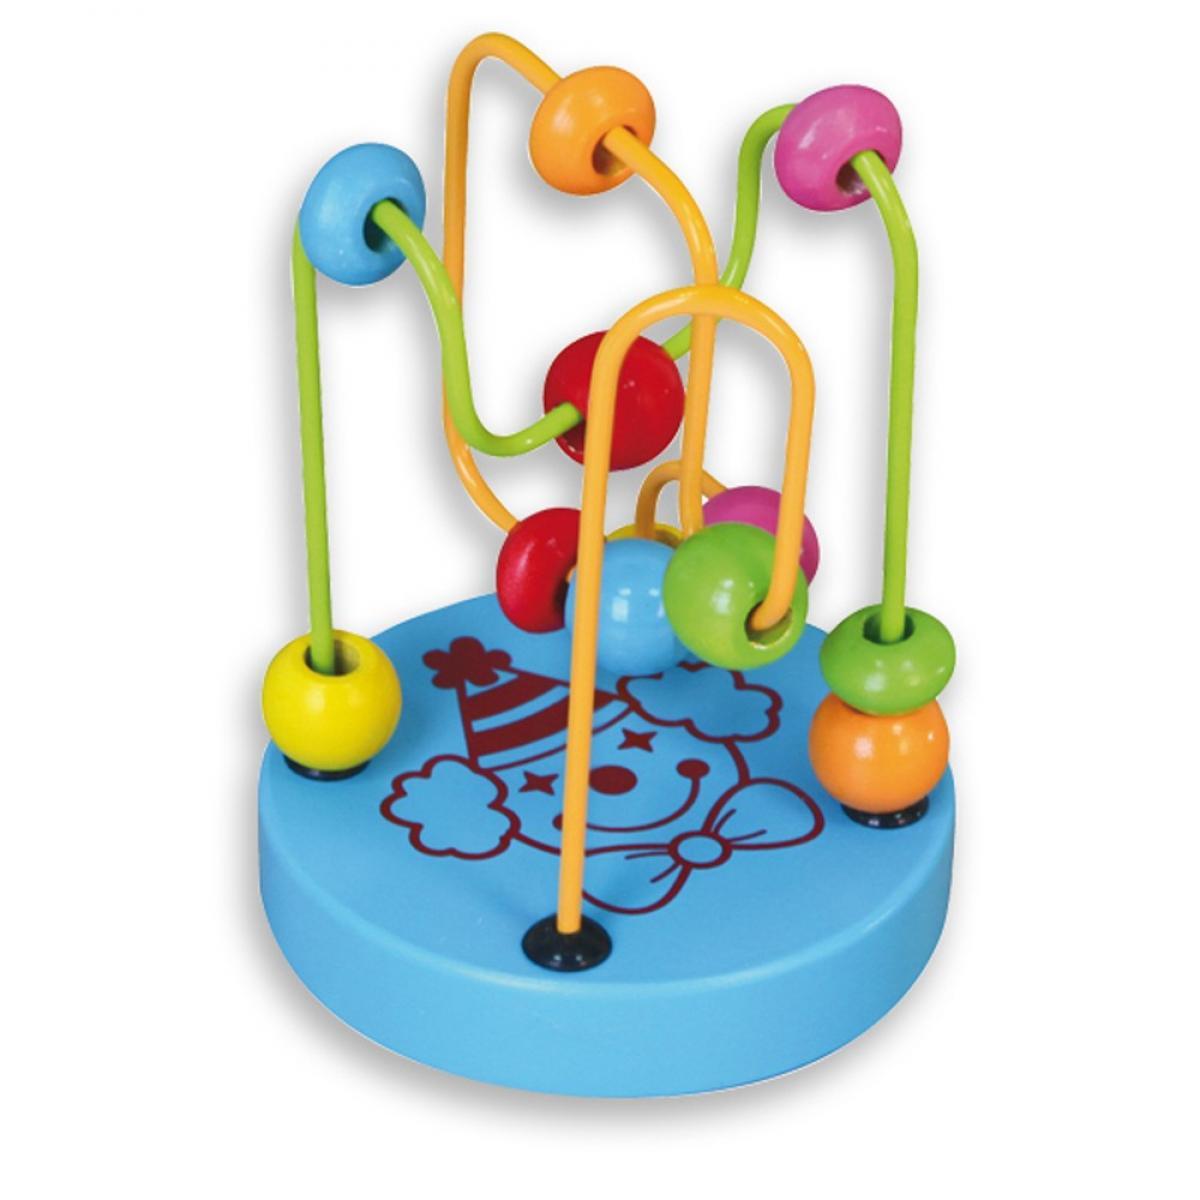 Топ 10 развивающих игрушек, фото №7 - интернет магазин Платошка